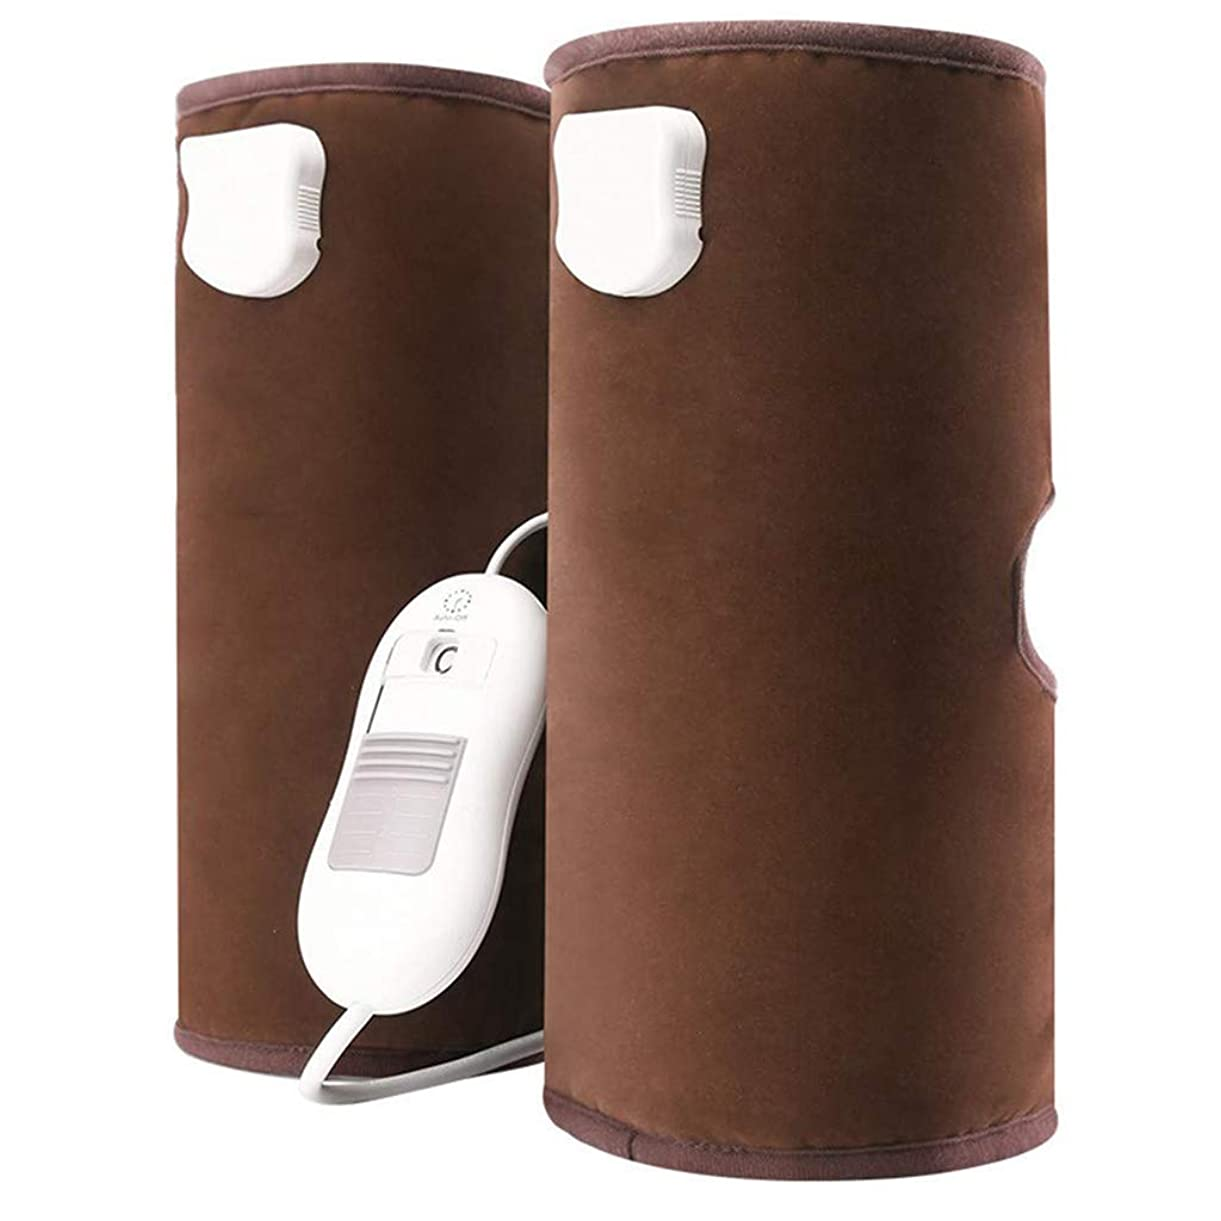 汚染されたが欲しい化粧循環と筋肉の痛みを軽減するための電熱膝パッド空気圧縮脚マッサージ、(青、赤、茶色)父の日ギフト,Brown